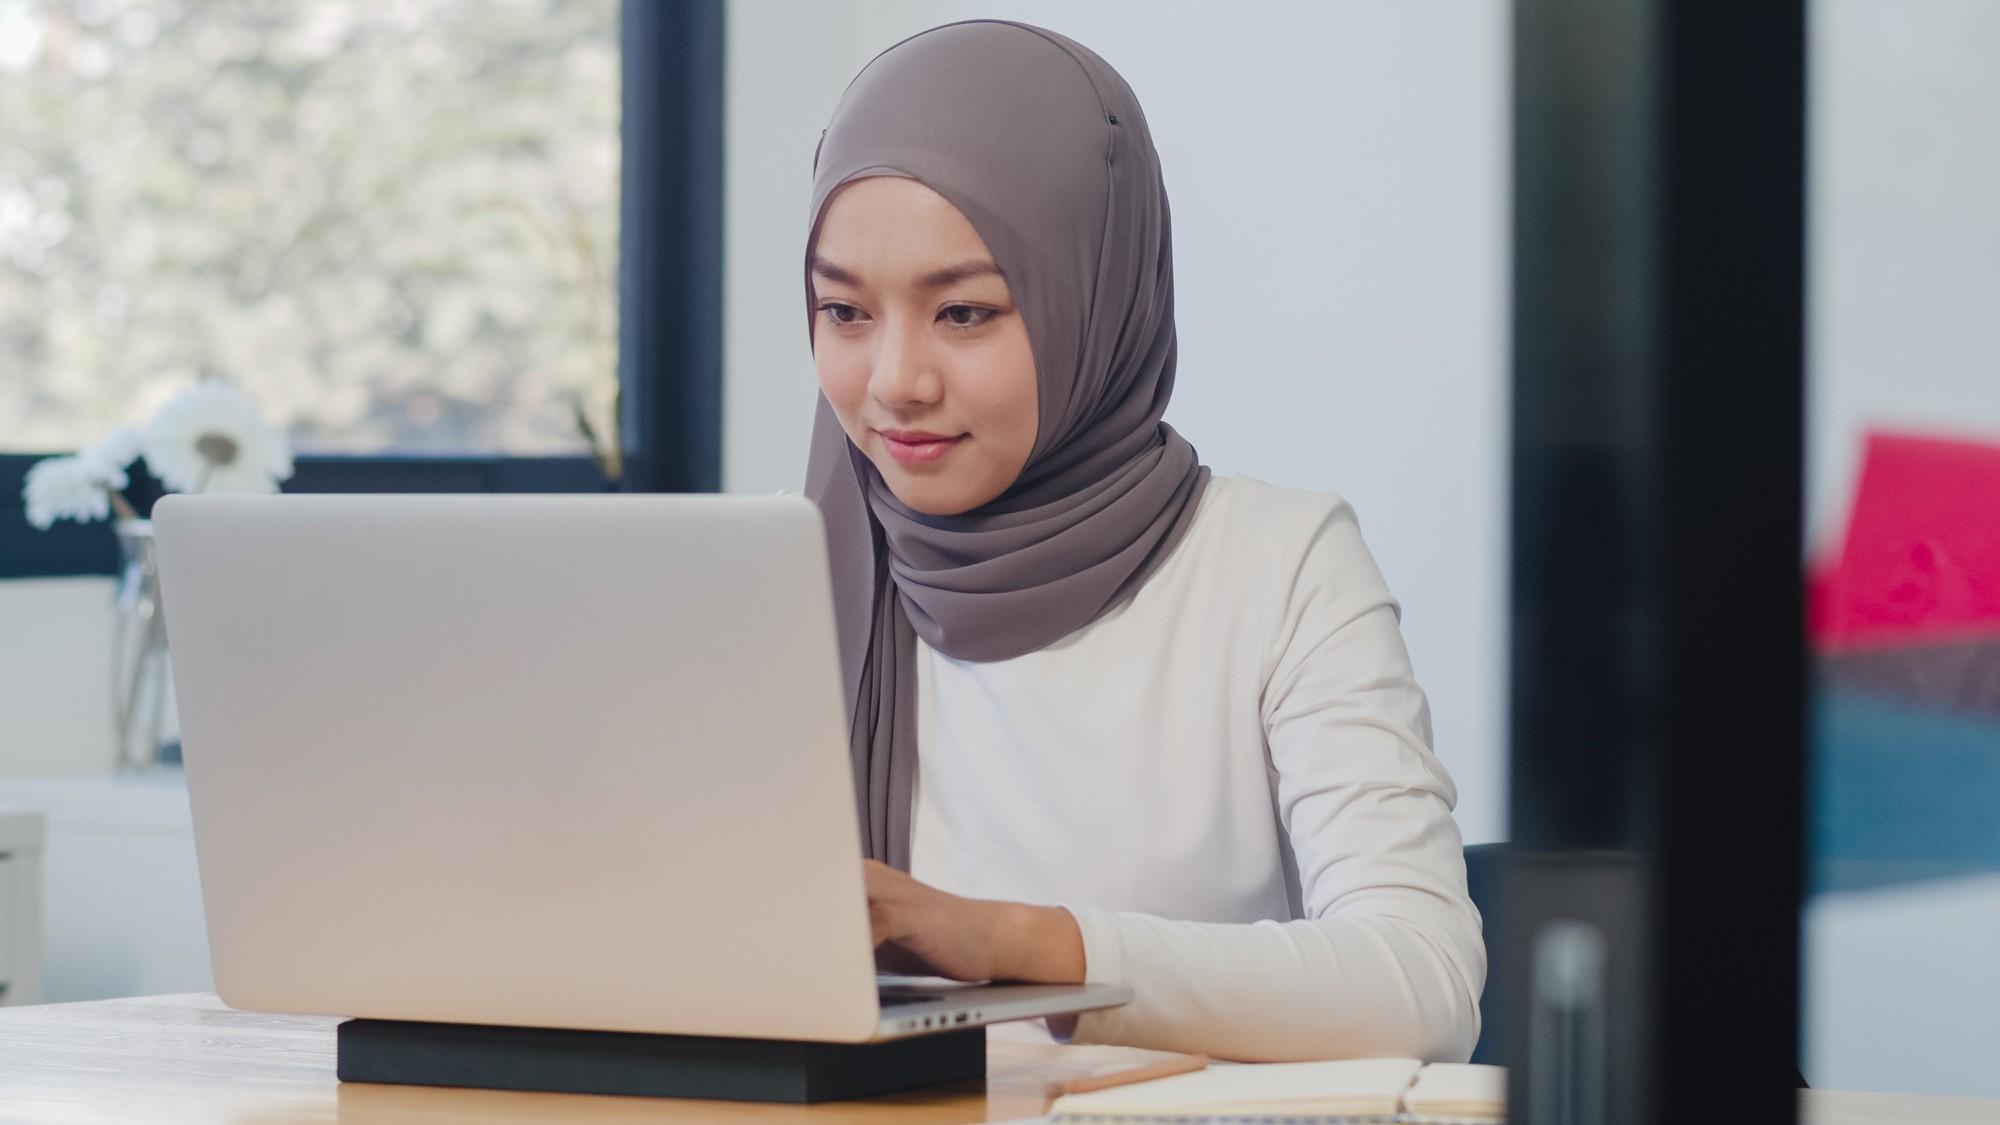 Manfaat Menulis Blog untuk Pelajar dan Mahasiswa